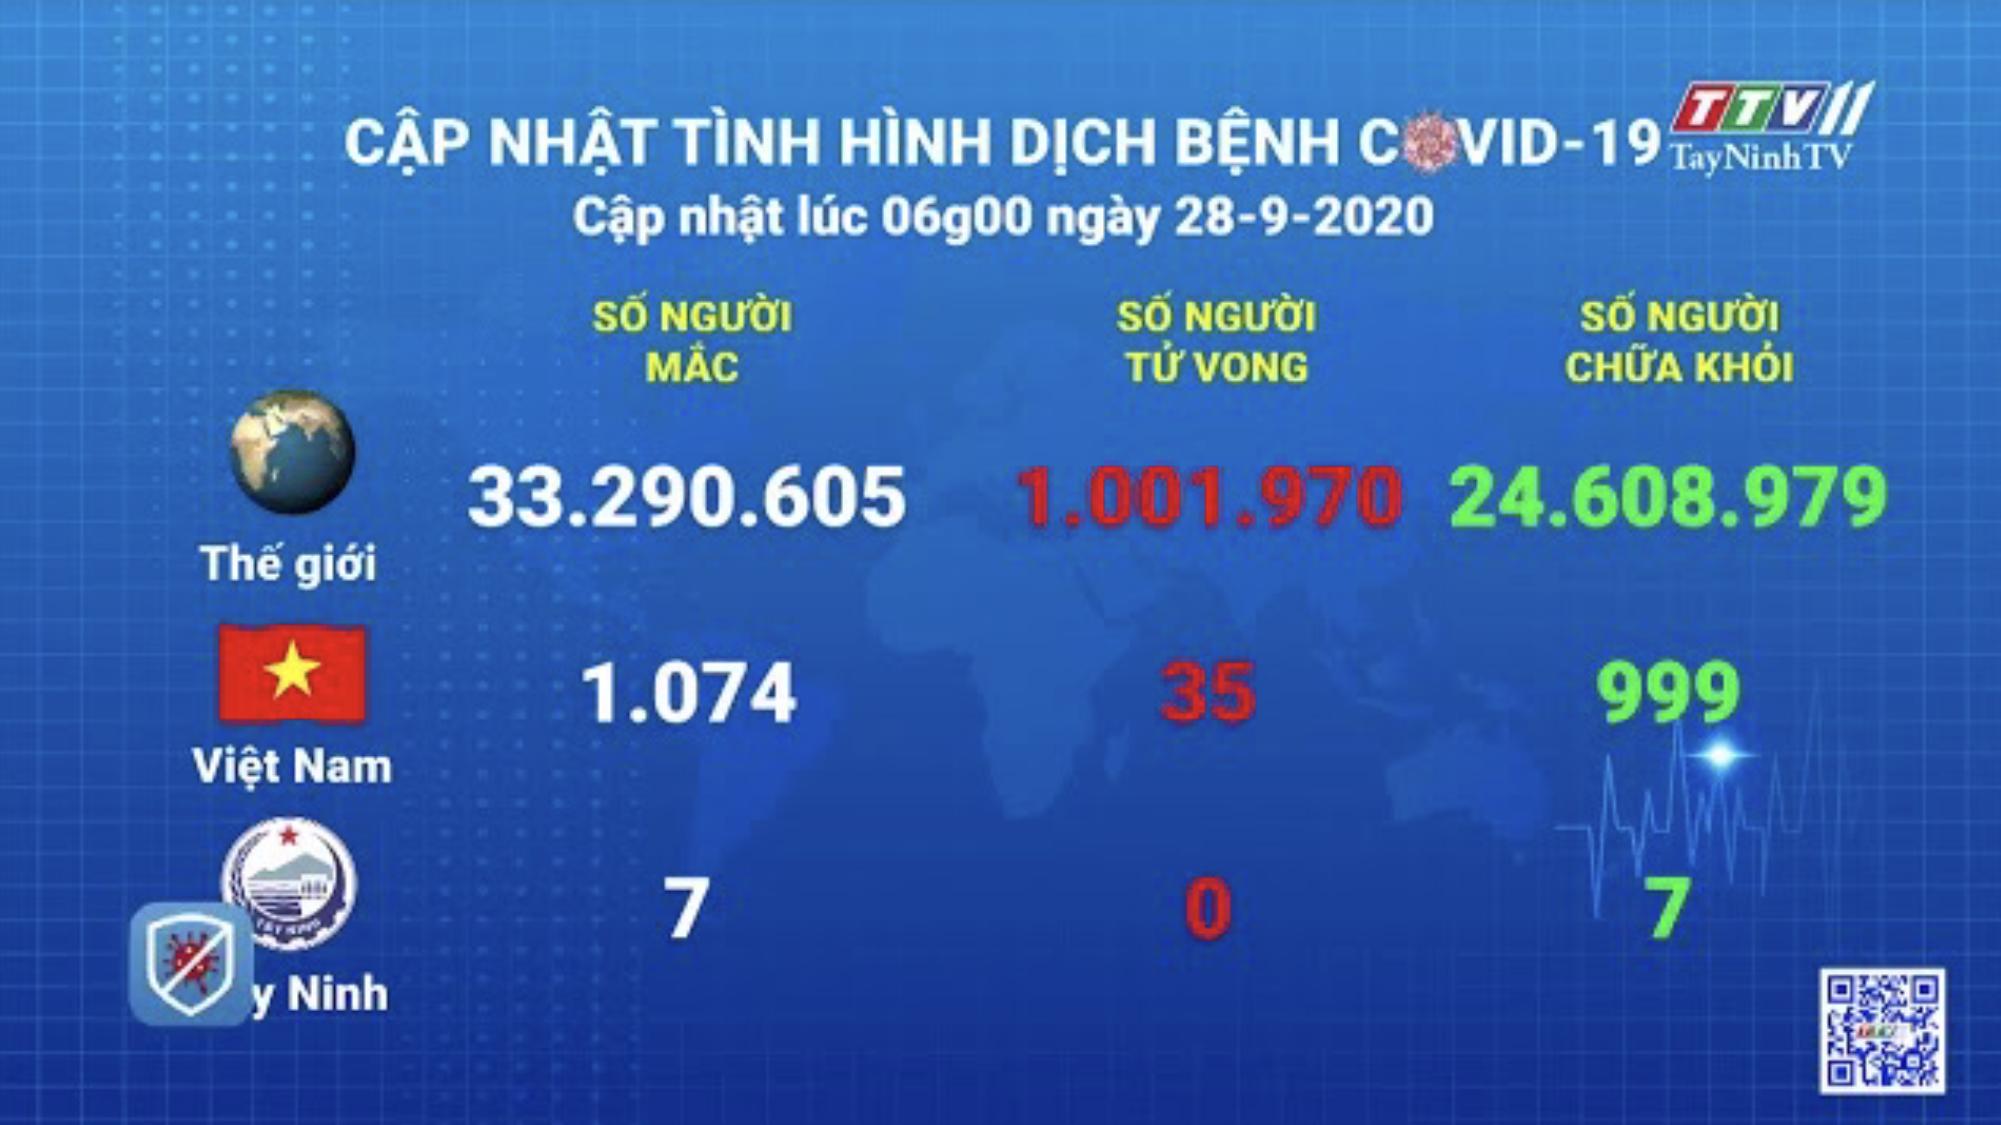 Cập nhật tình hình Covid-19 vào lúc 06 giờ 28-9-2020 | Thông tin dịch Covid-19 | TayNinhTV